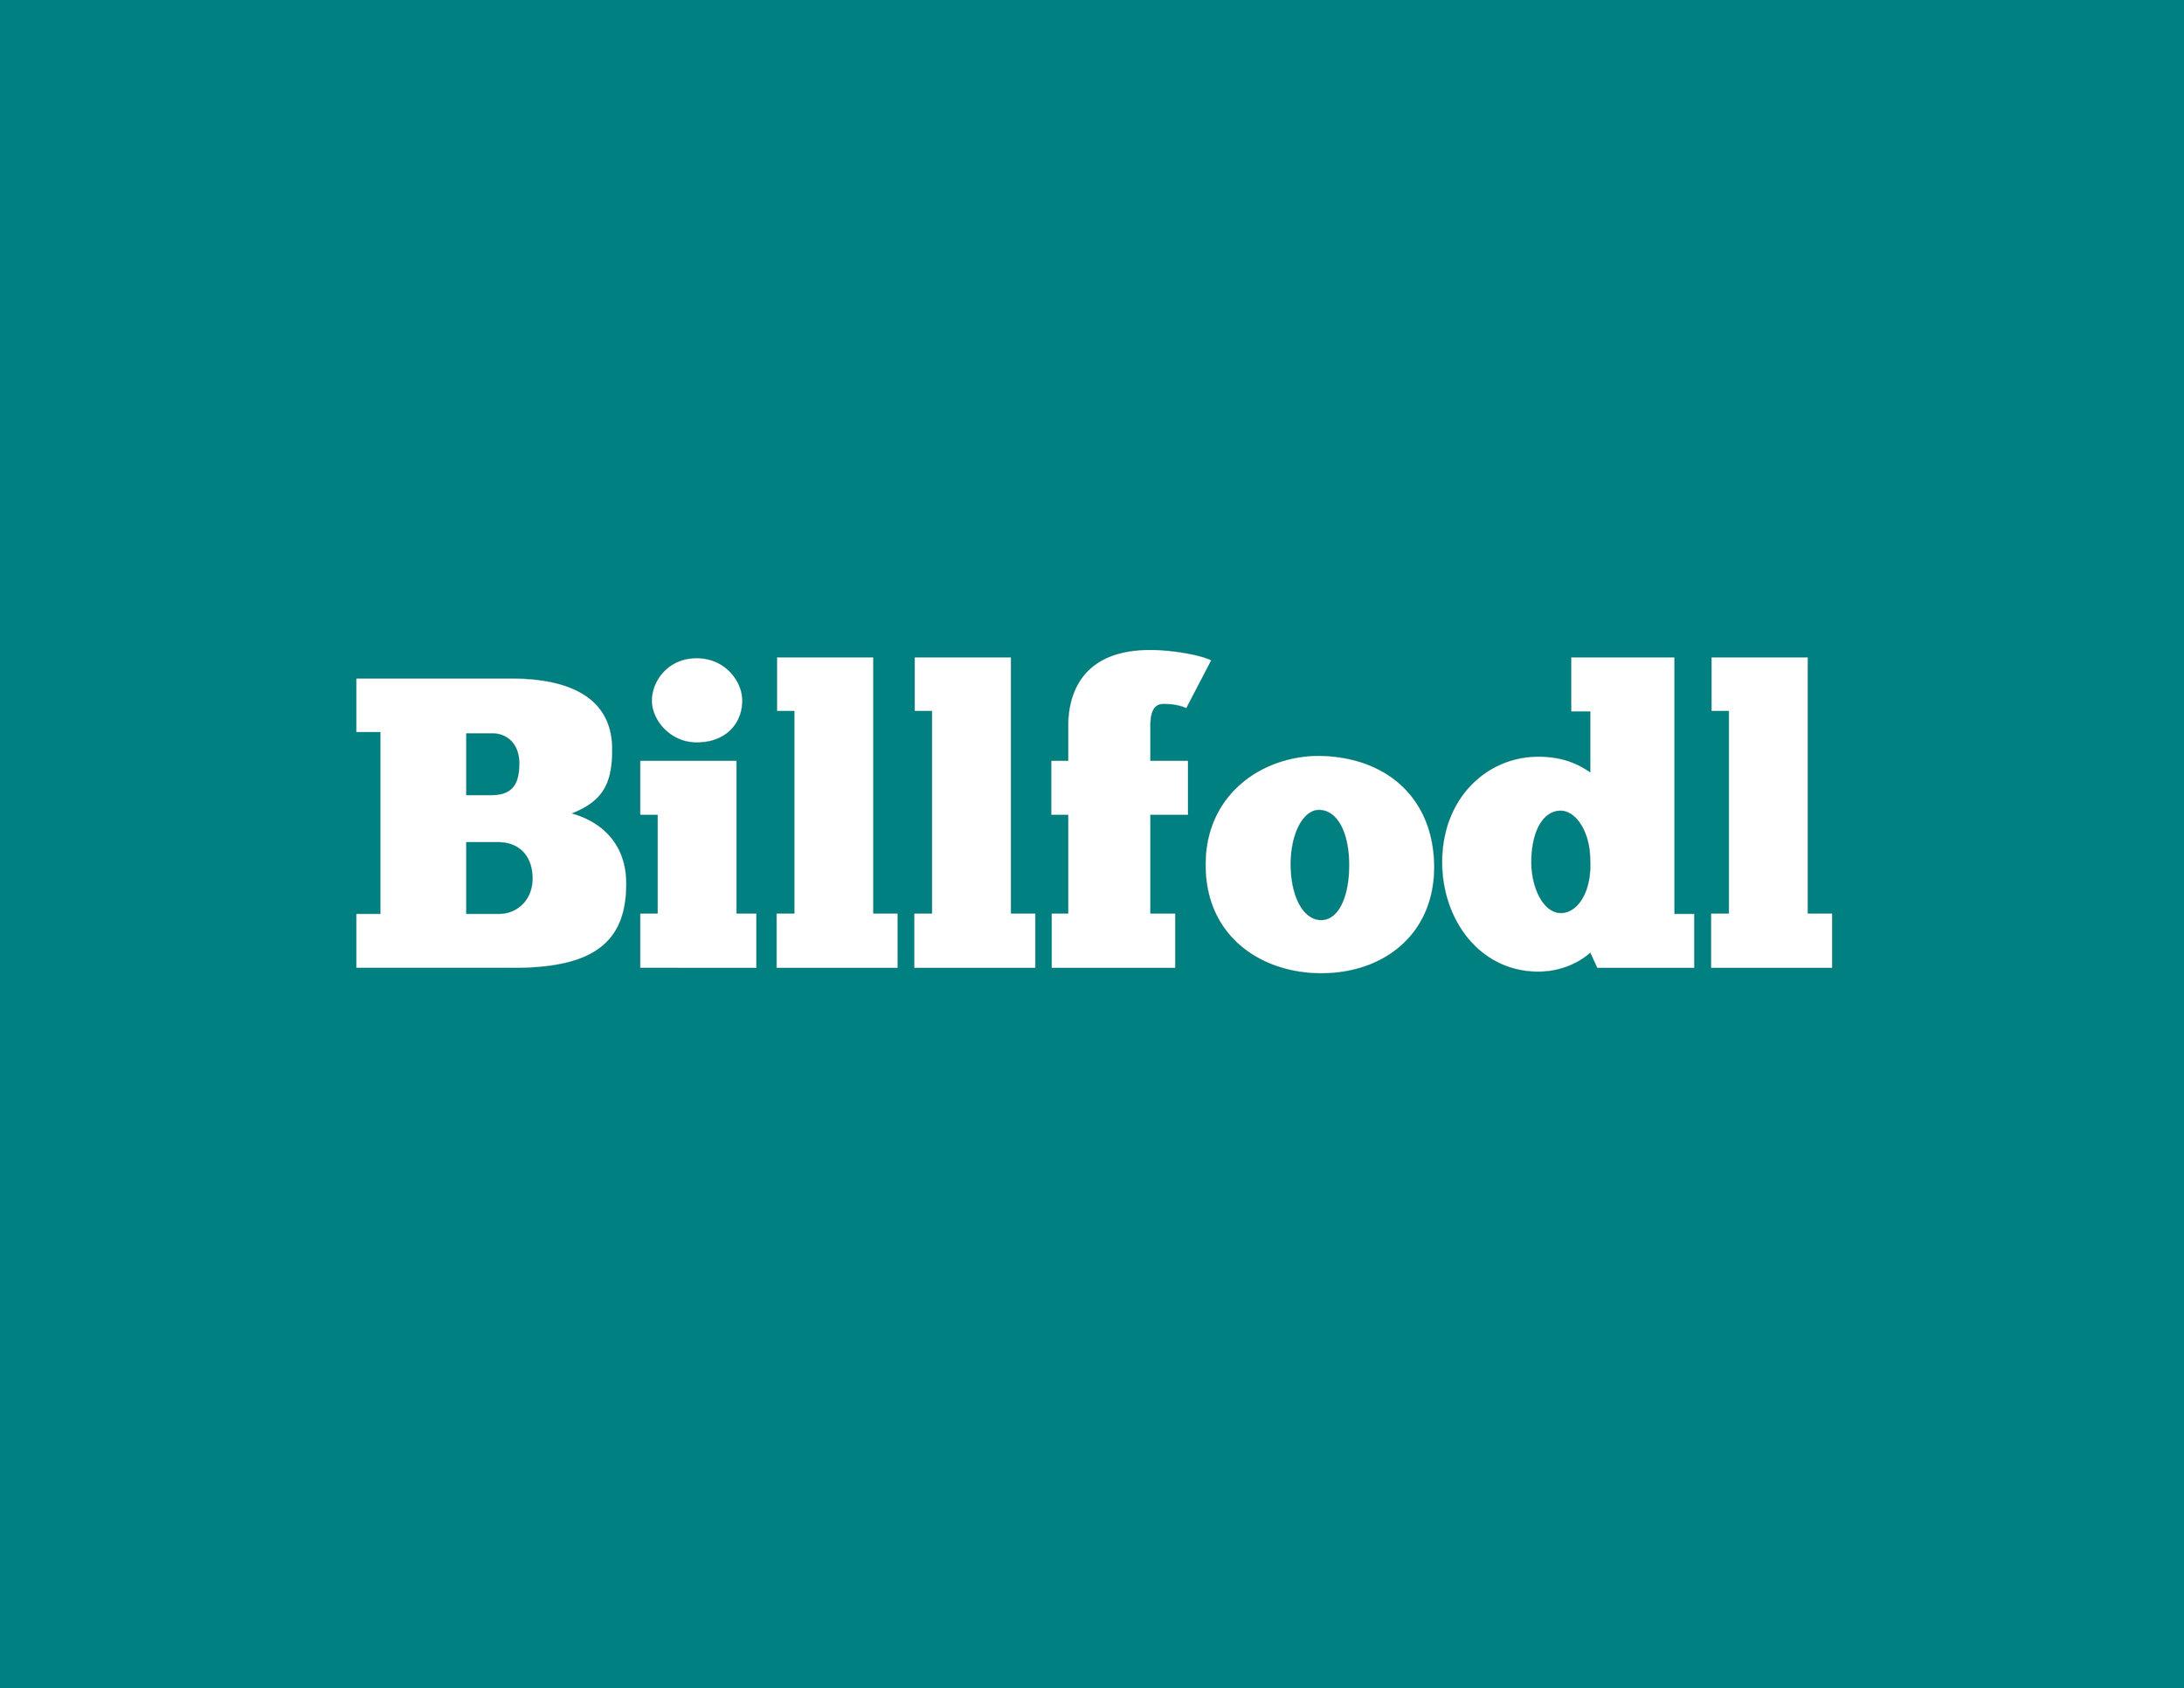 Billfodl.jpg